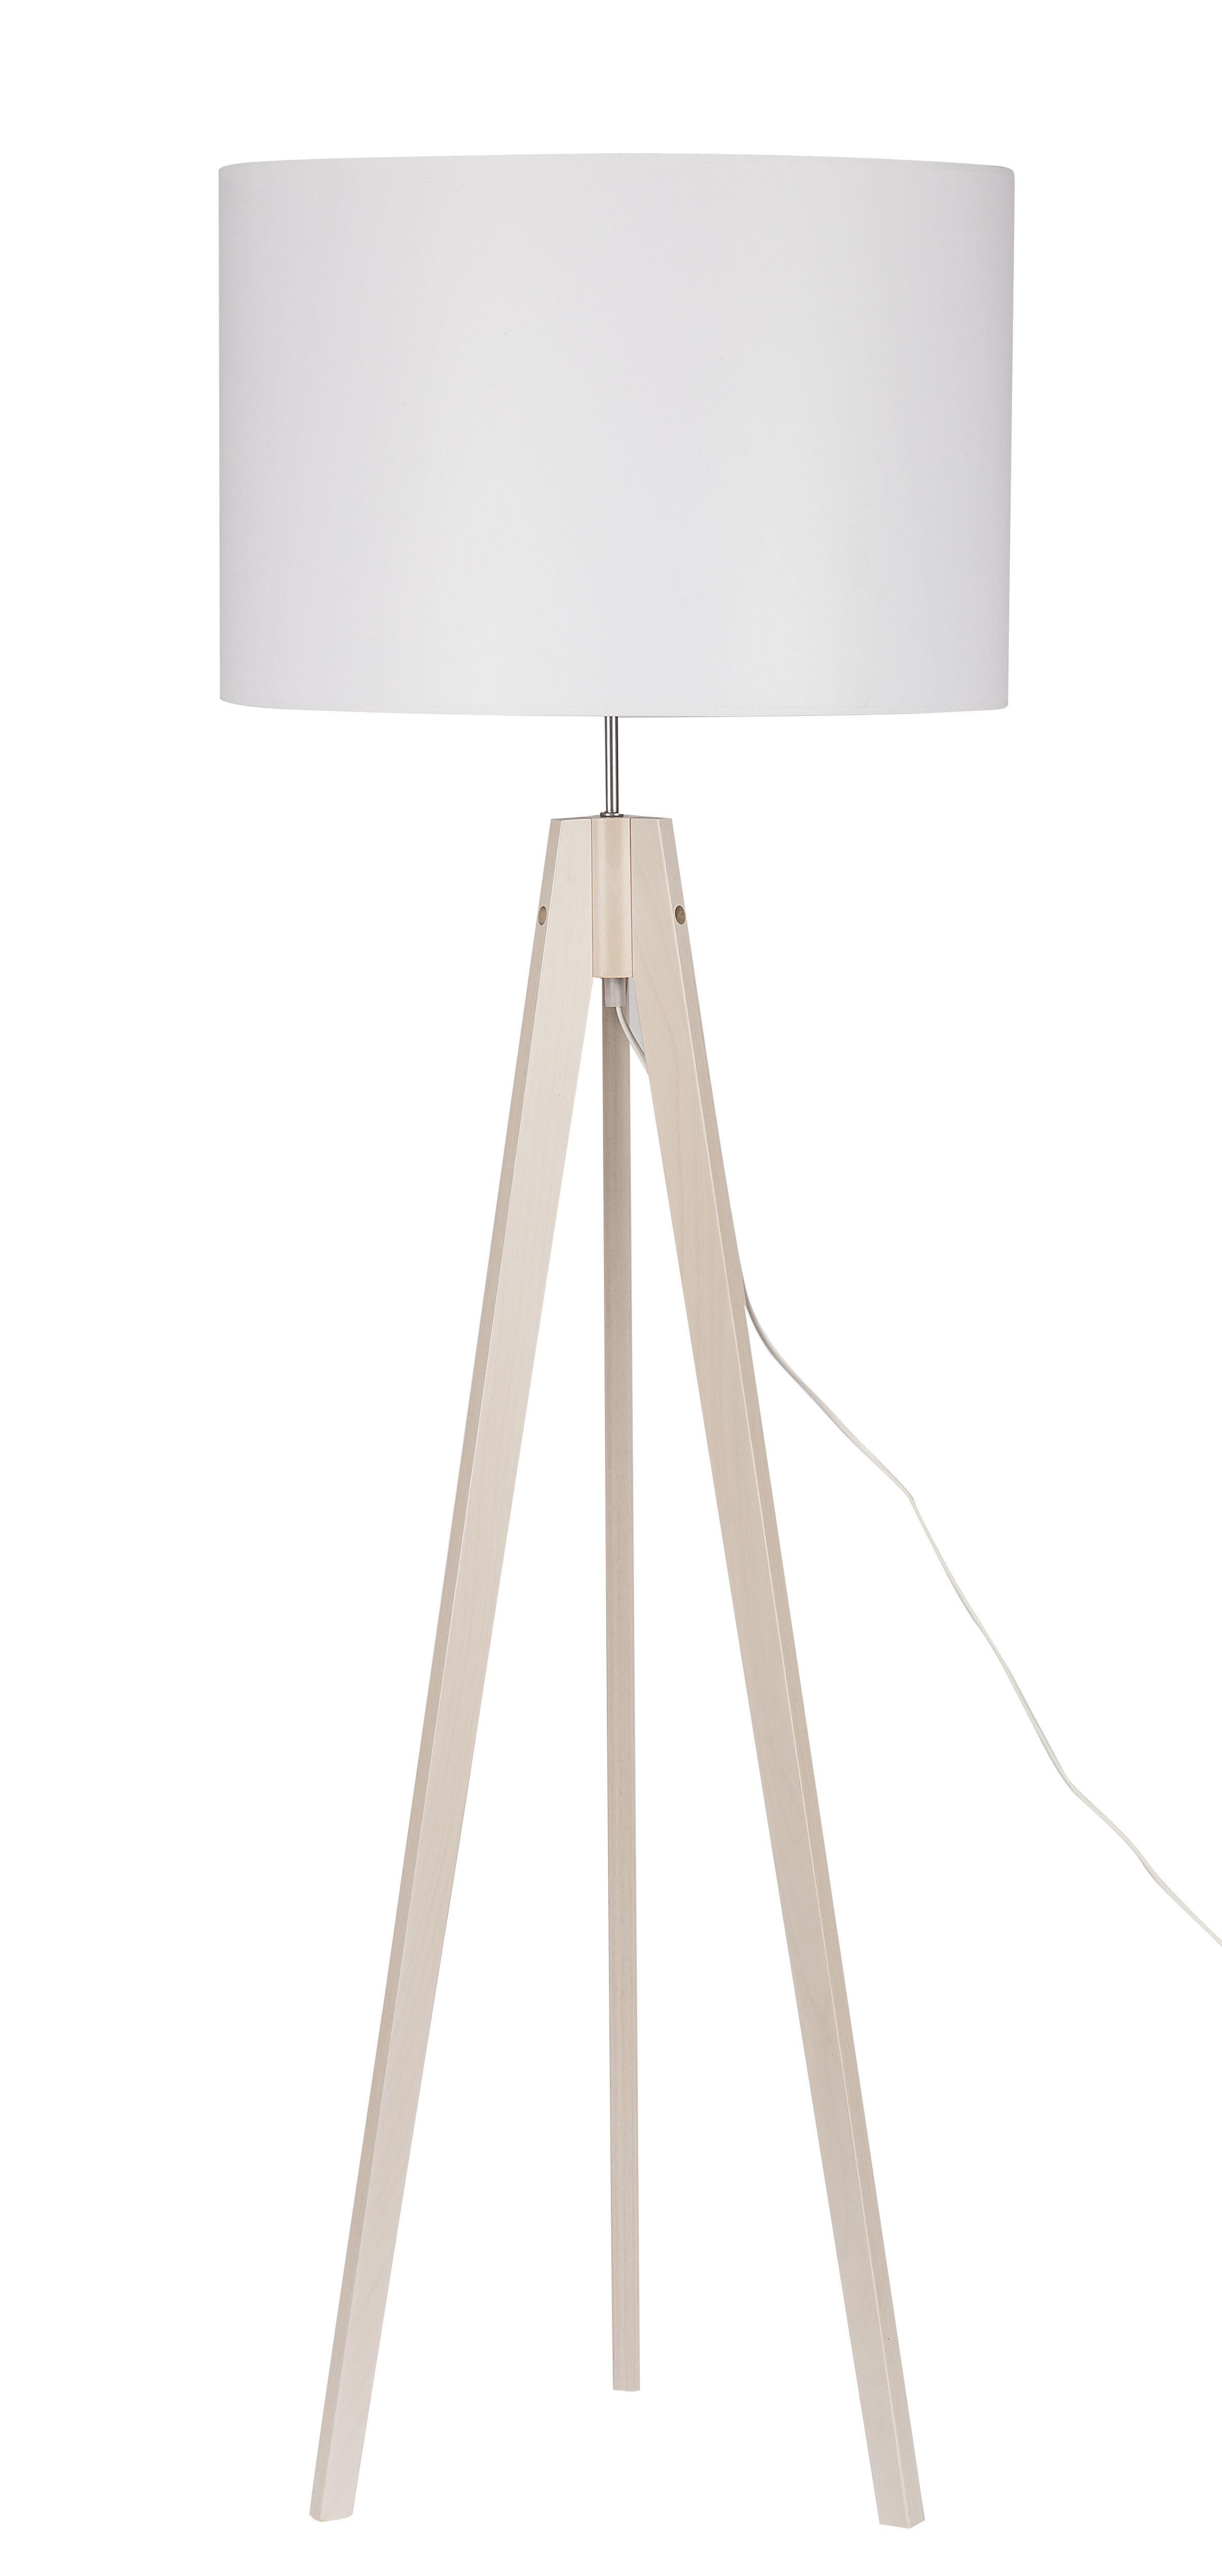 Lampa oprawa podłogowa stojąca TK Lighting Dove 1x60W E27